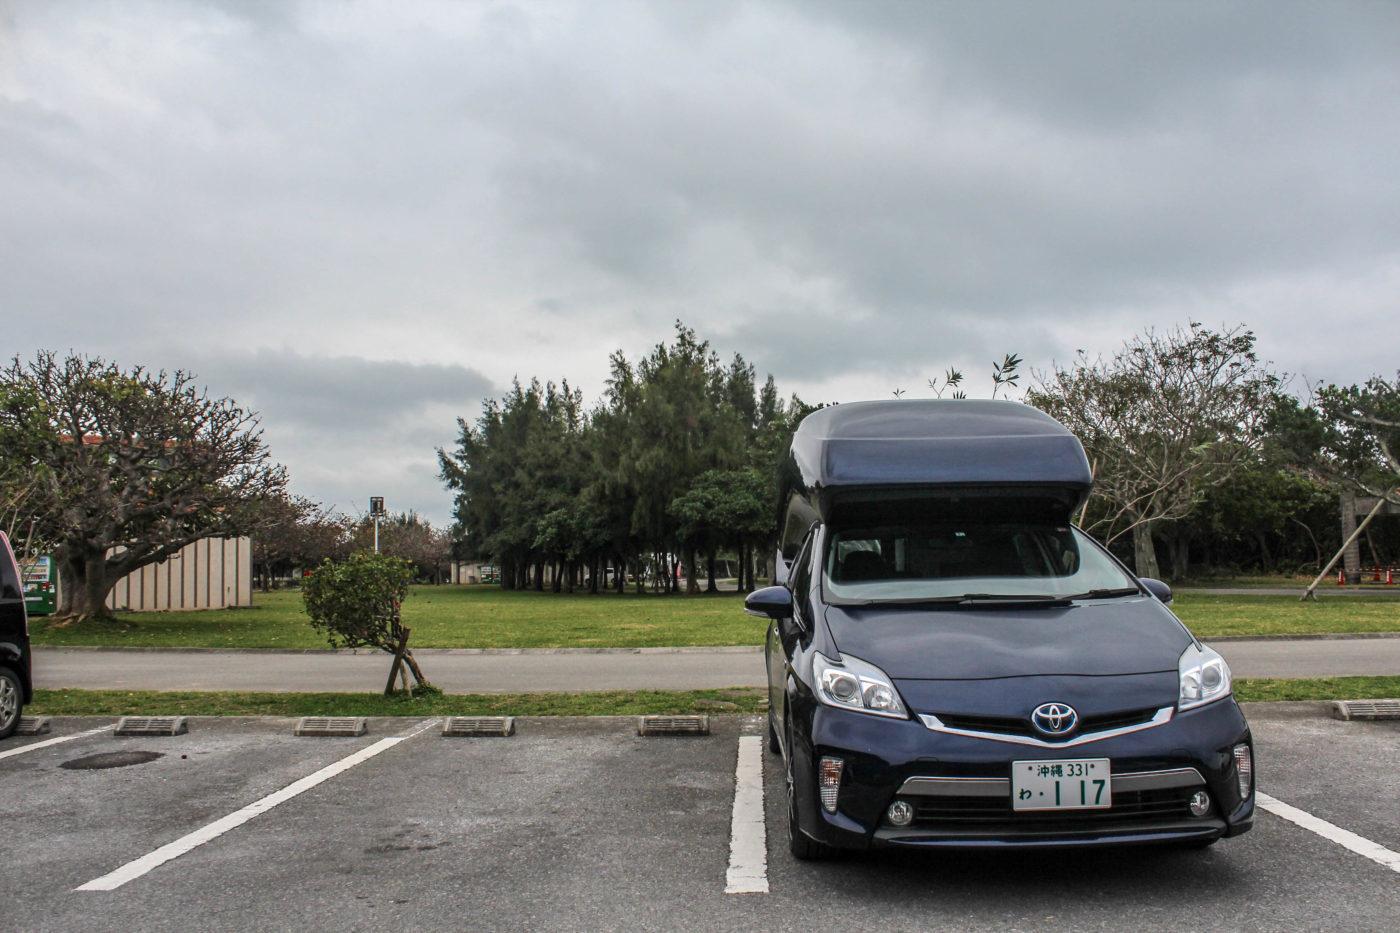 沖縄県総合公園オートキャンプ場の駐車場。ここに一度車を止めてキャンプの受付にいきます。